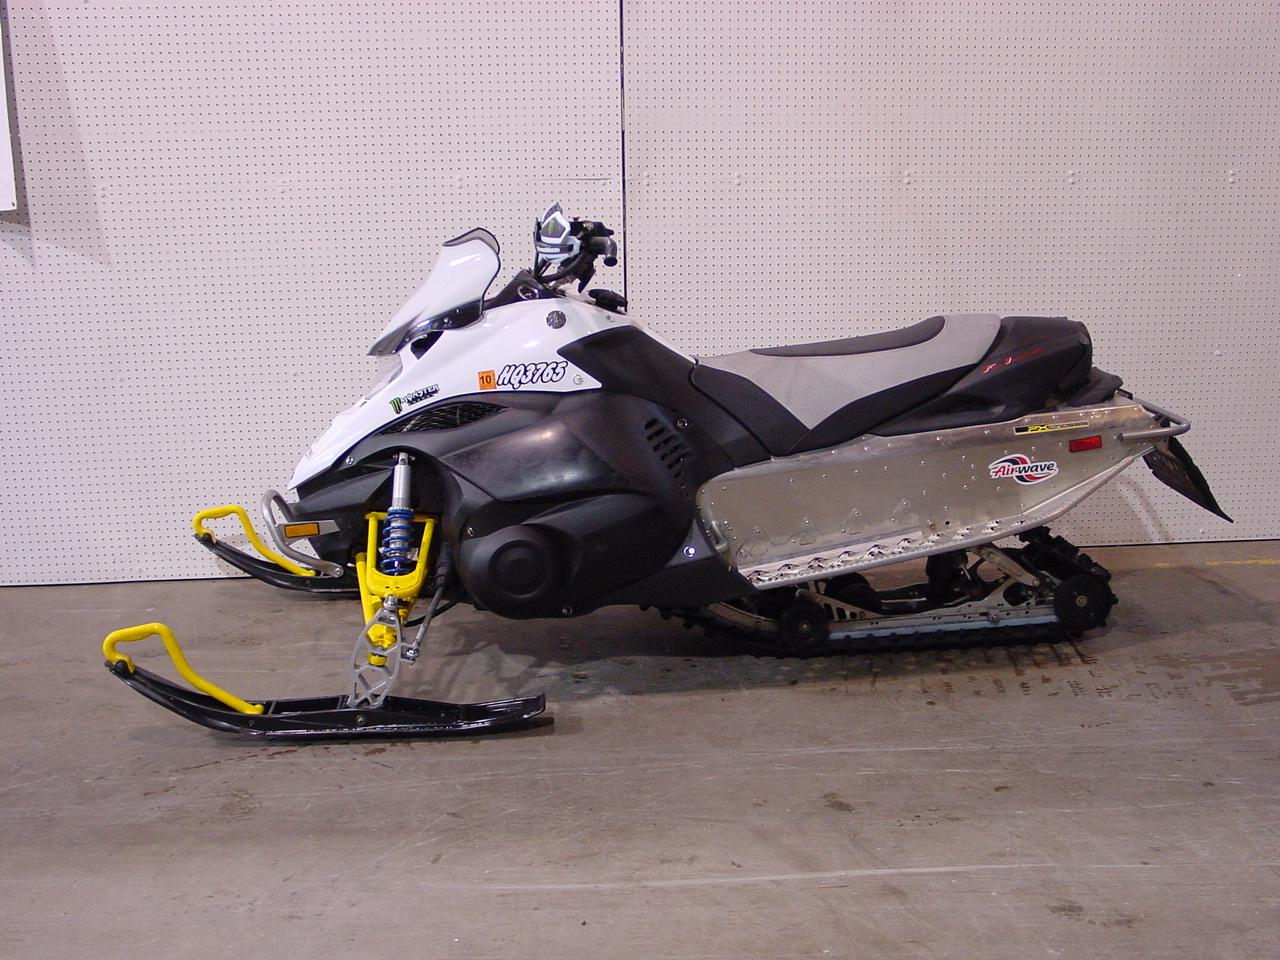 M-20 Airwave Yamaha